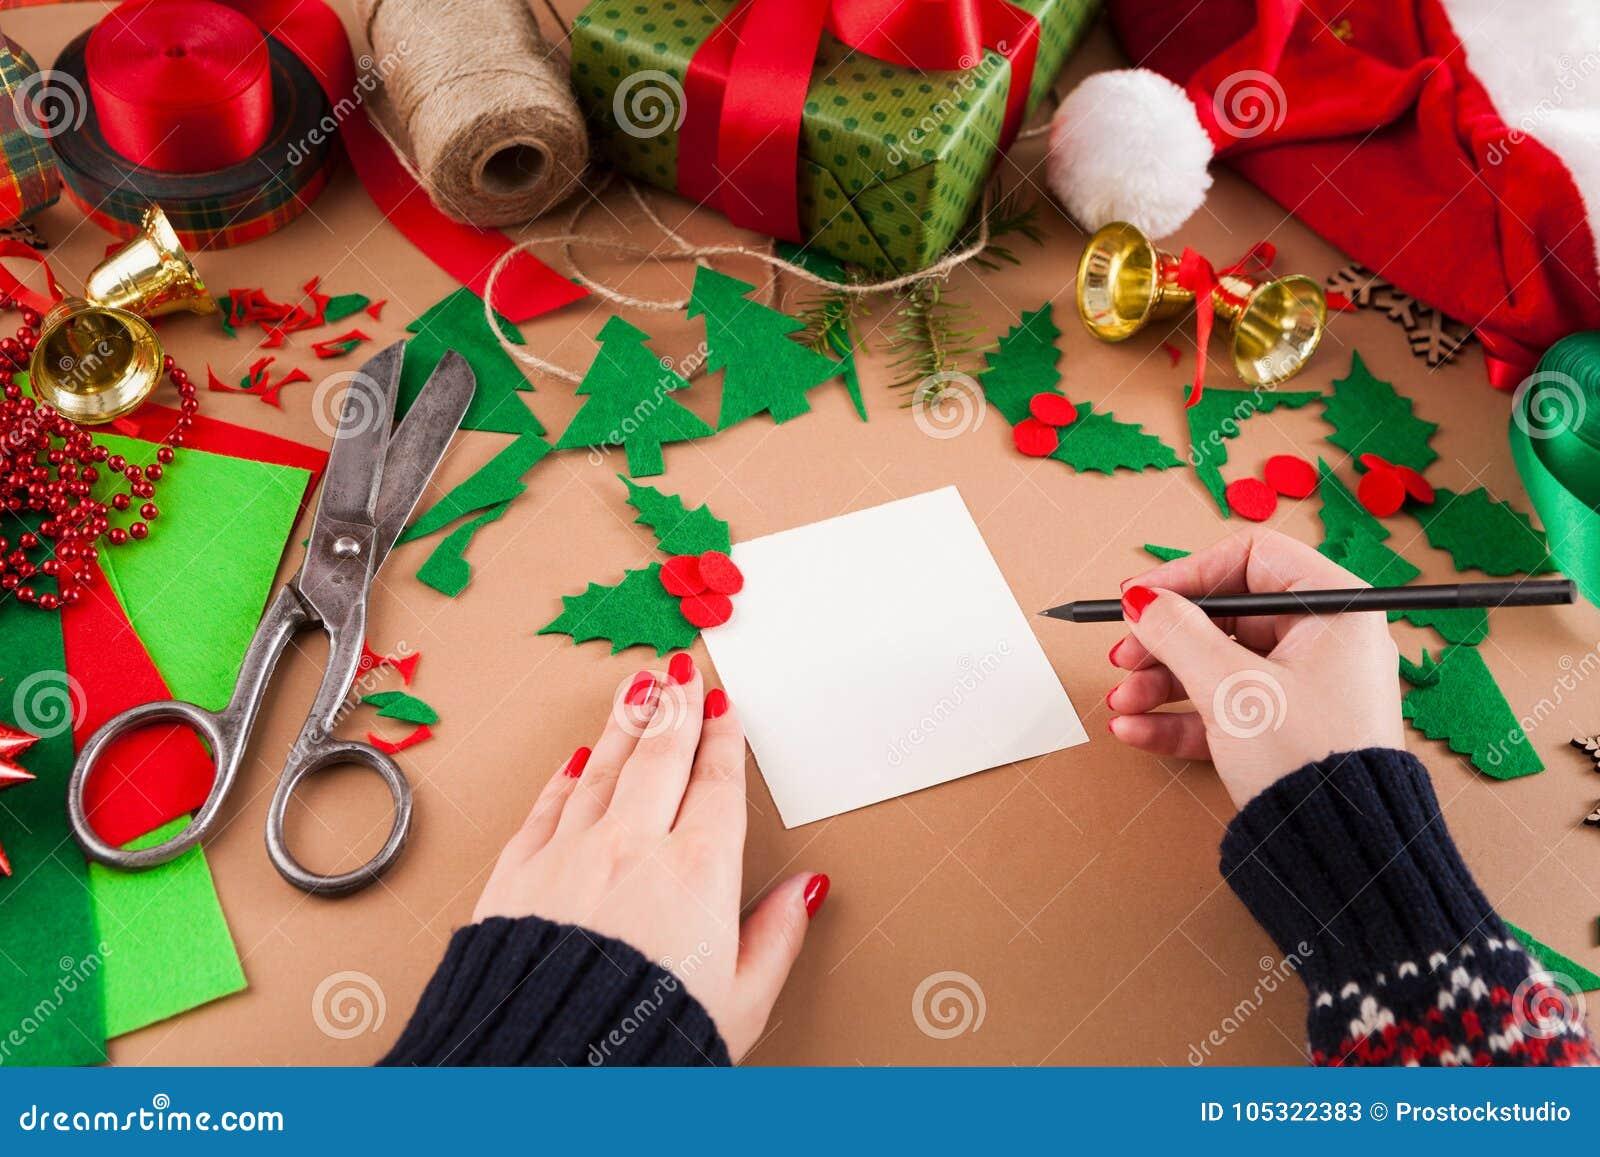 Creacion De Felicitaciones De Navidad.Aficion Diy Creativa Decoracion De La Navidad De La Tarjeta